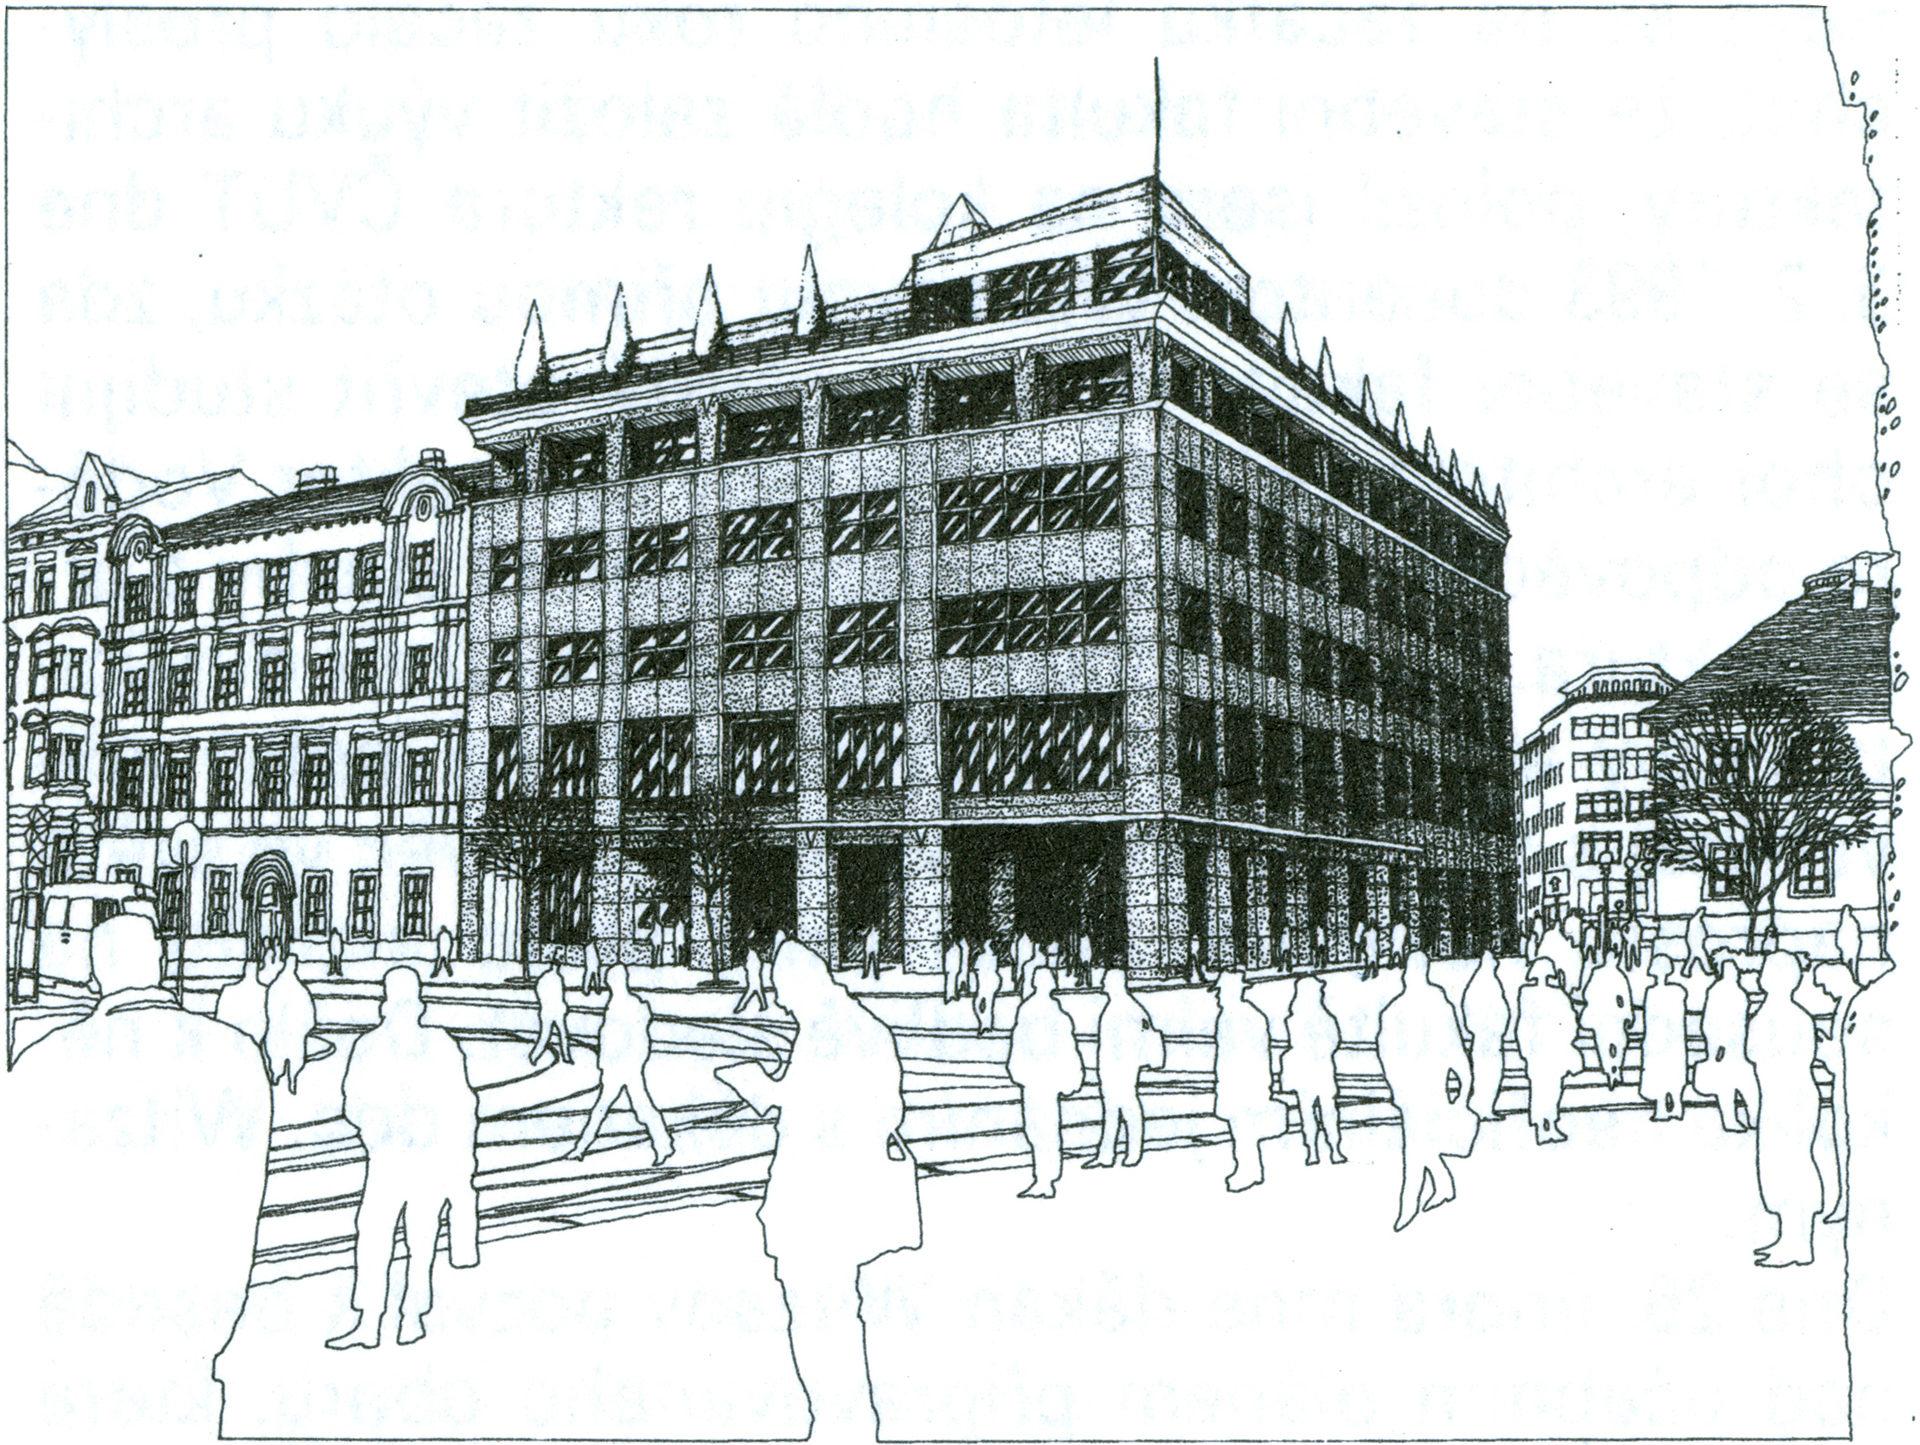 24_investicni-a-postovni-banka-brno